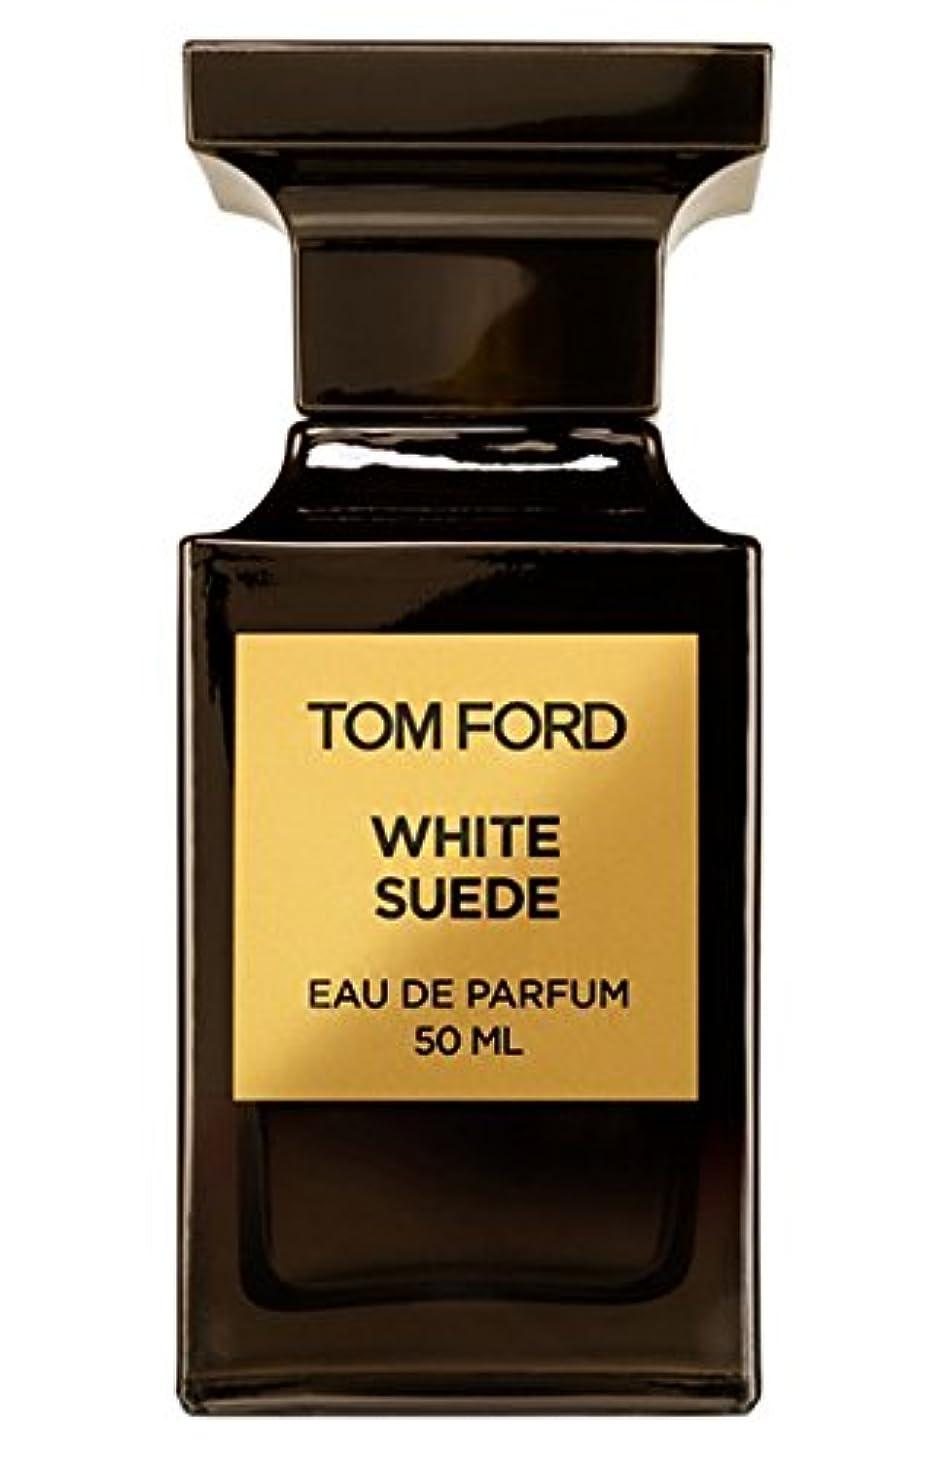 るマイクロフォン聴覚障害者Tom Ford Private Blend 'White Suede' (トムフォード プライベートブレンド ホワイトスエード) 1.7 oz (50ml) EDP Spray for Women